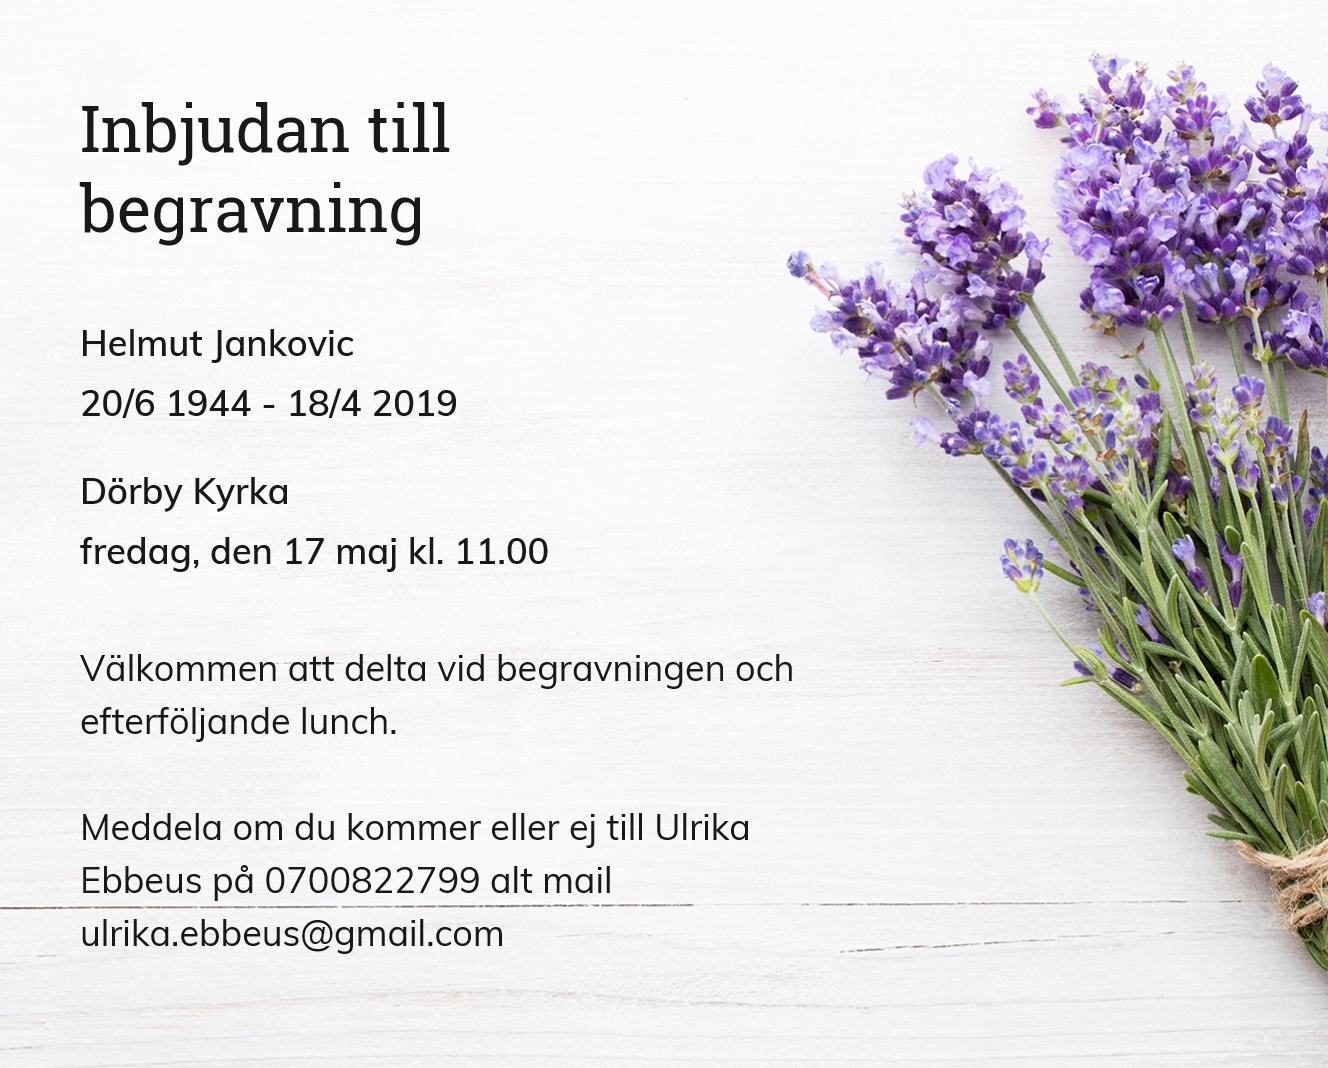 Inbjudningskort till ceremonin för Helmut Jankovic